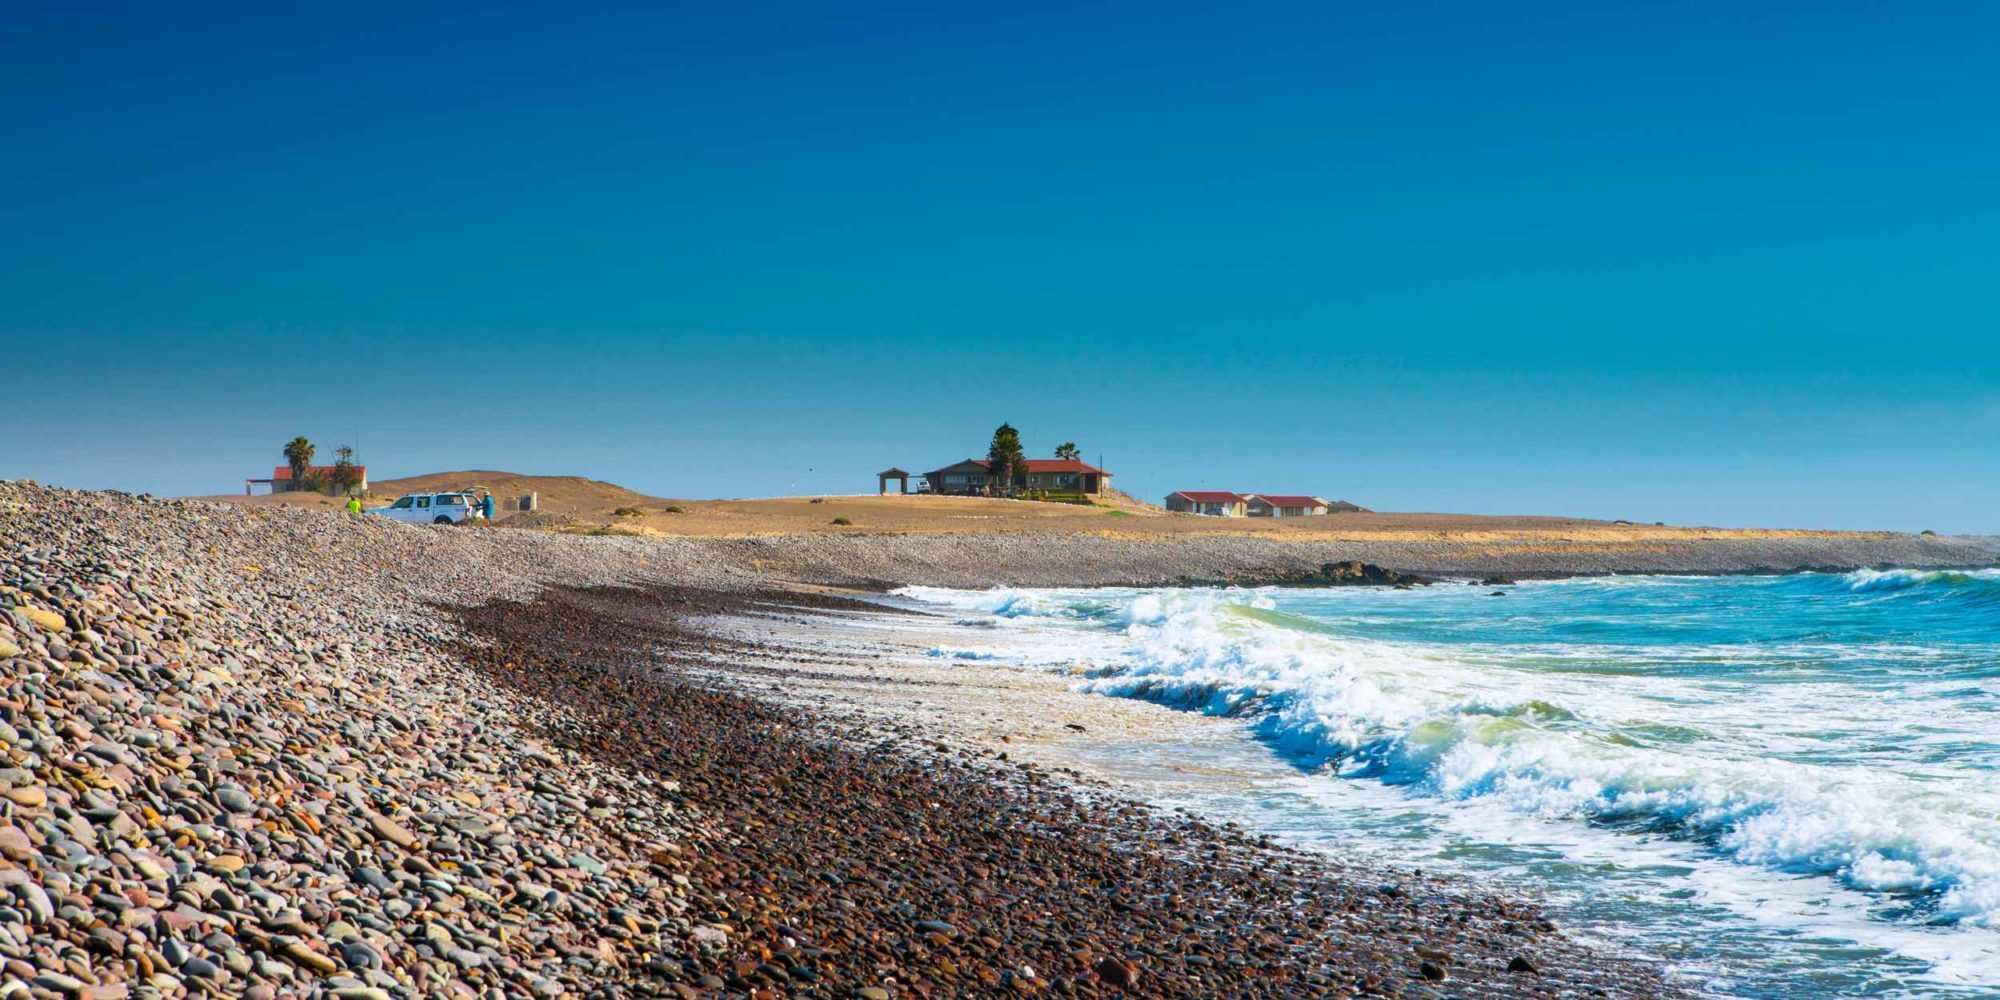 Terrace Bay Beach Chalet 01 © NWR 2018